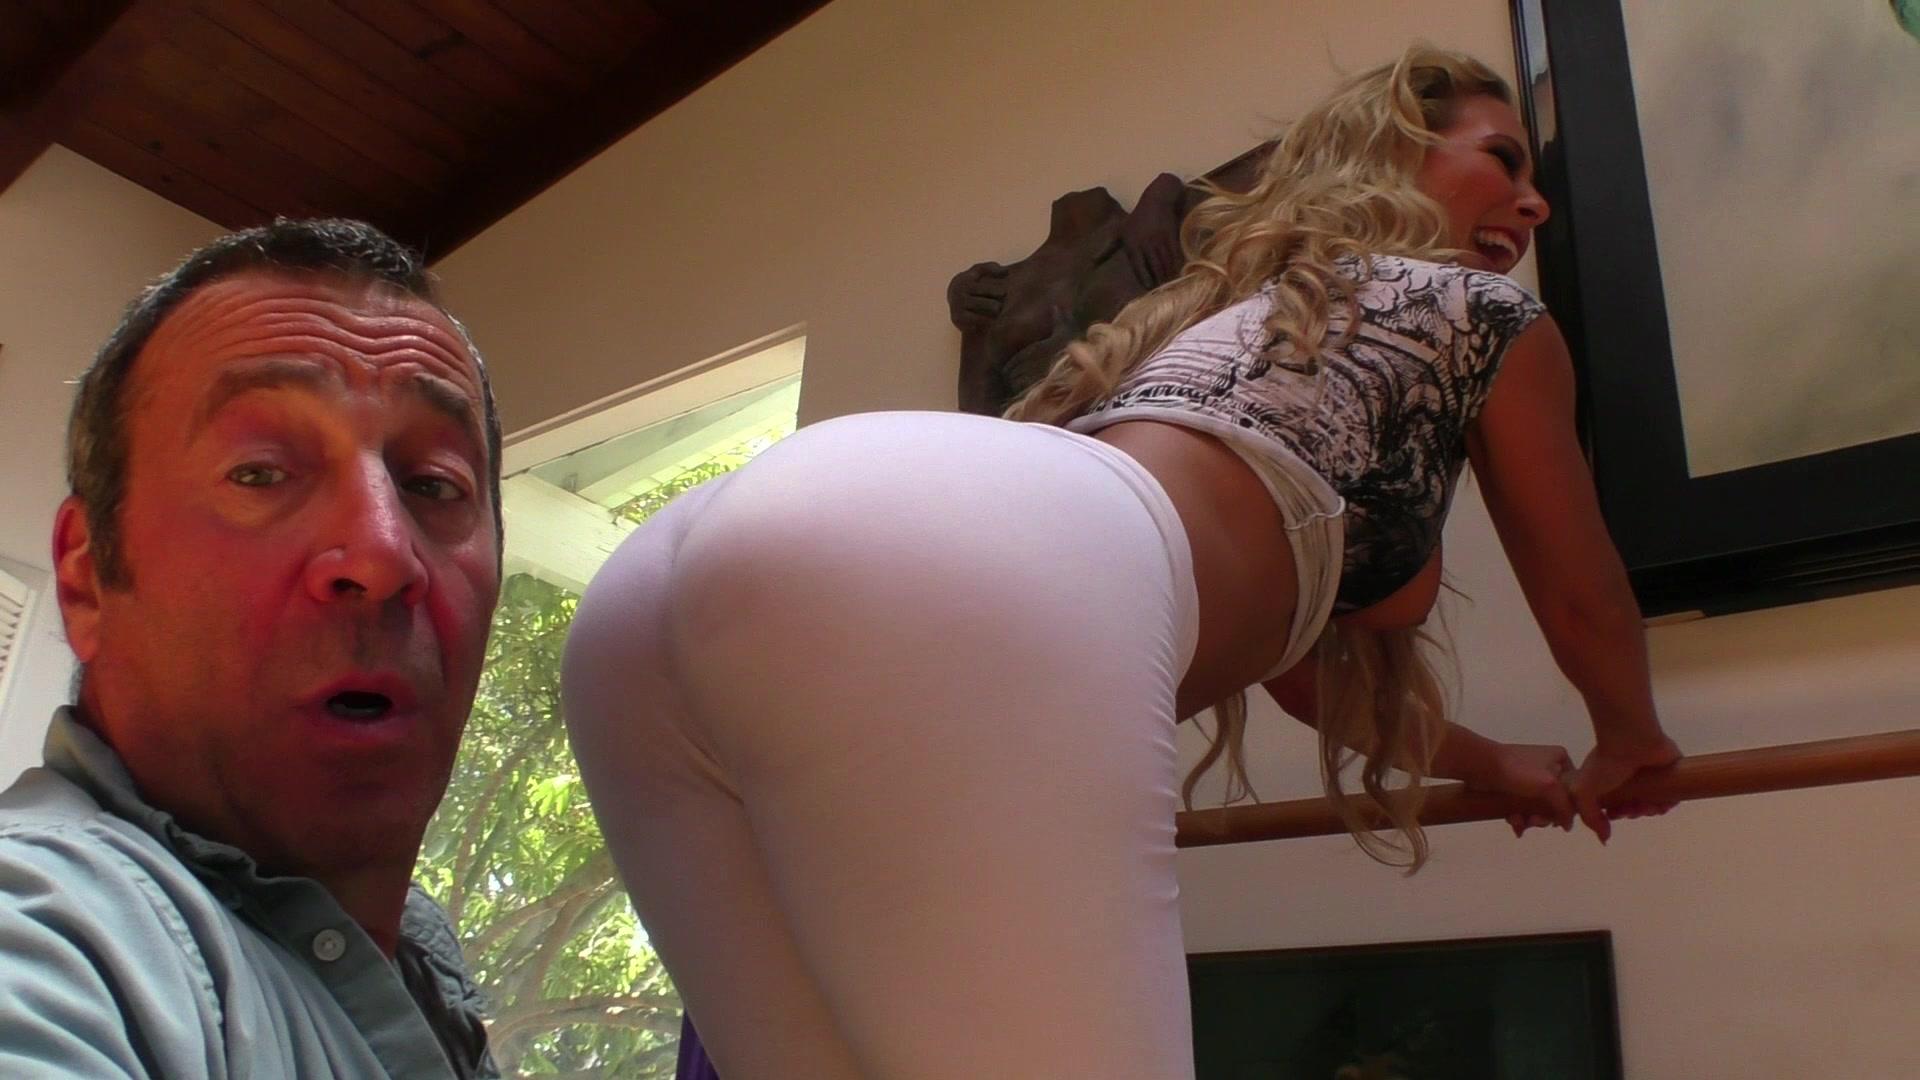 John Stagliano Porn 114